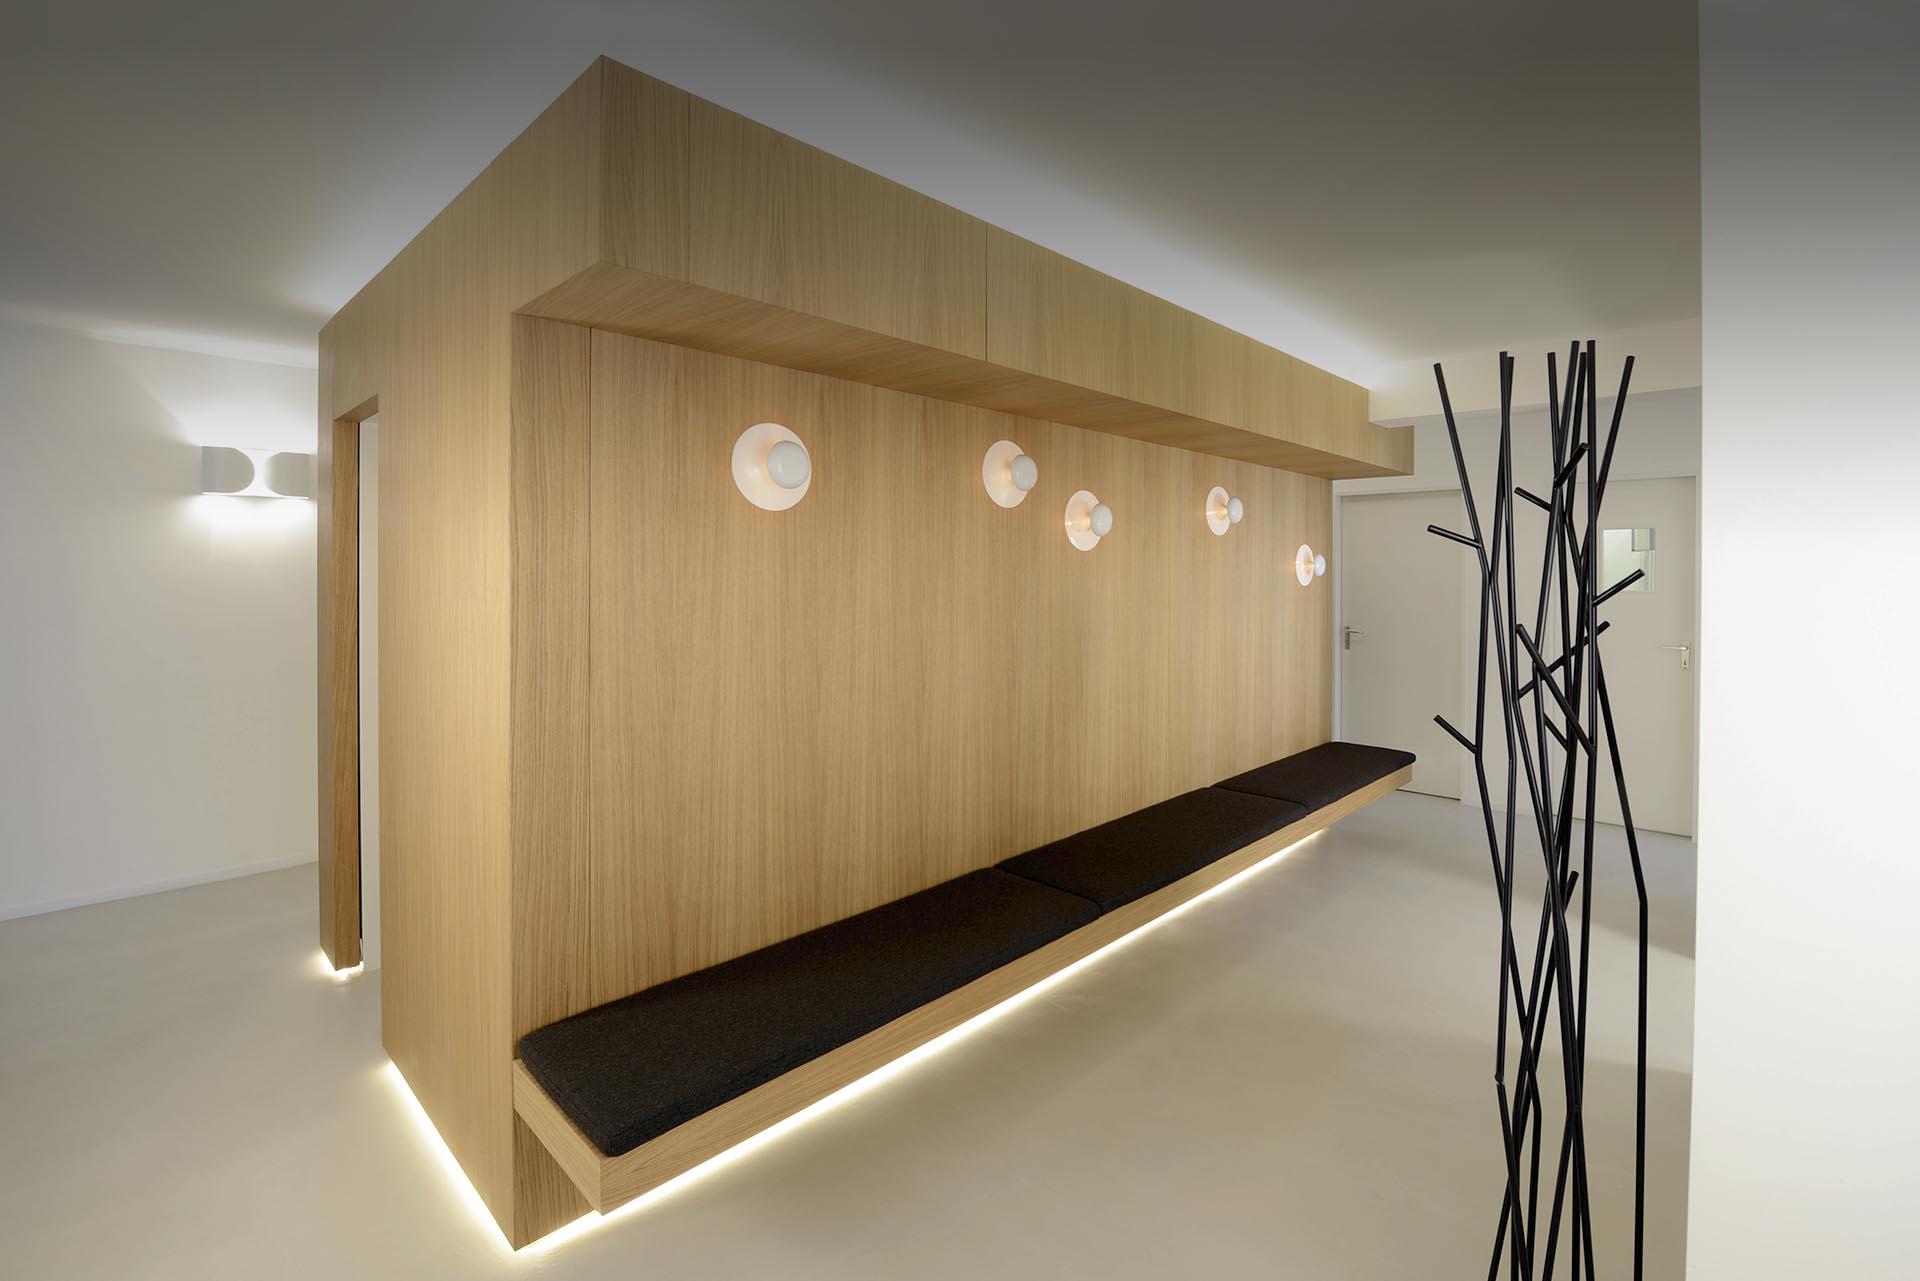 Masfina | Feine Küchen und Möbel auf Mass | Home Slider Image 007